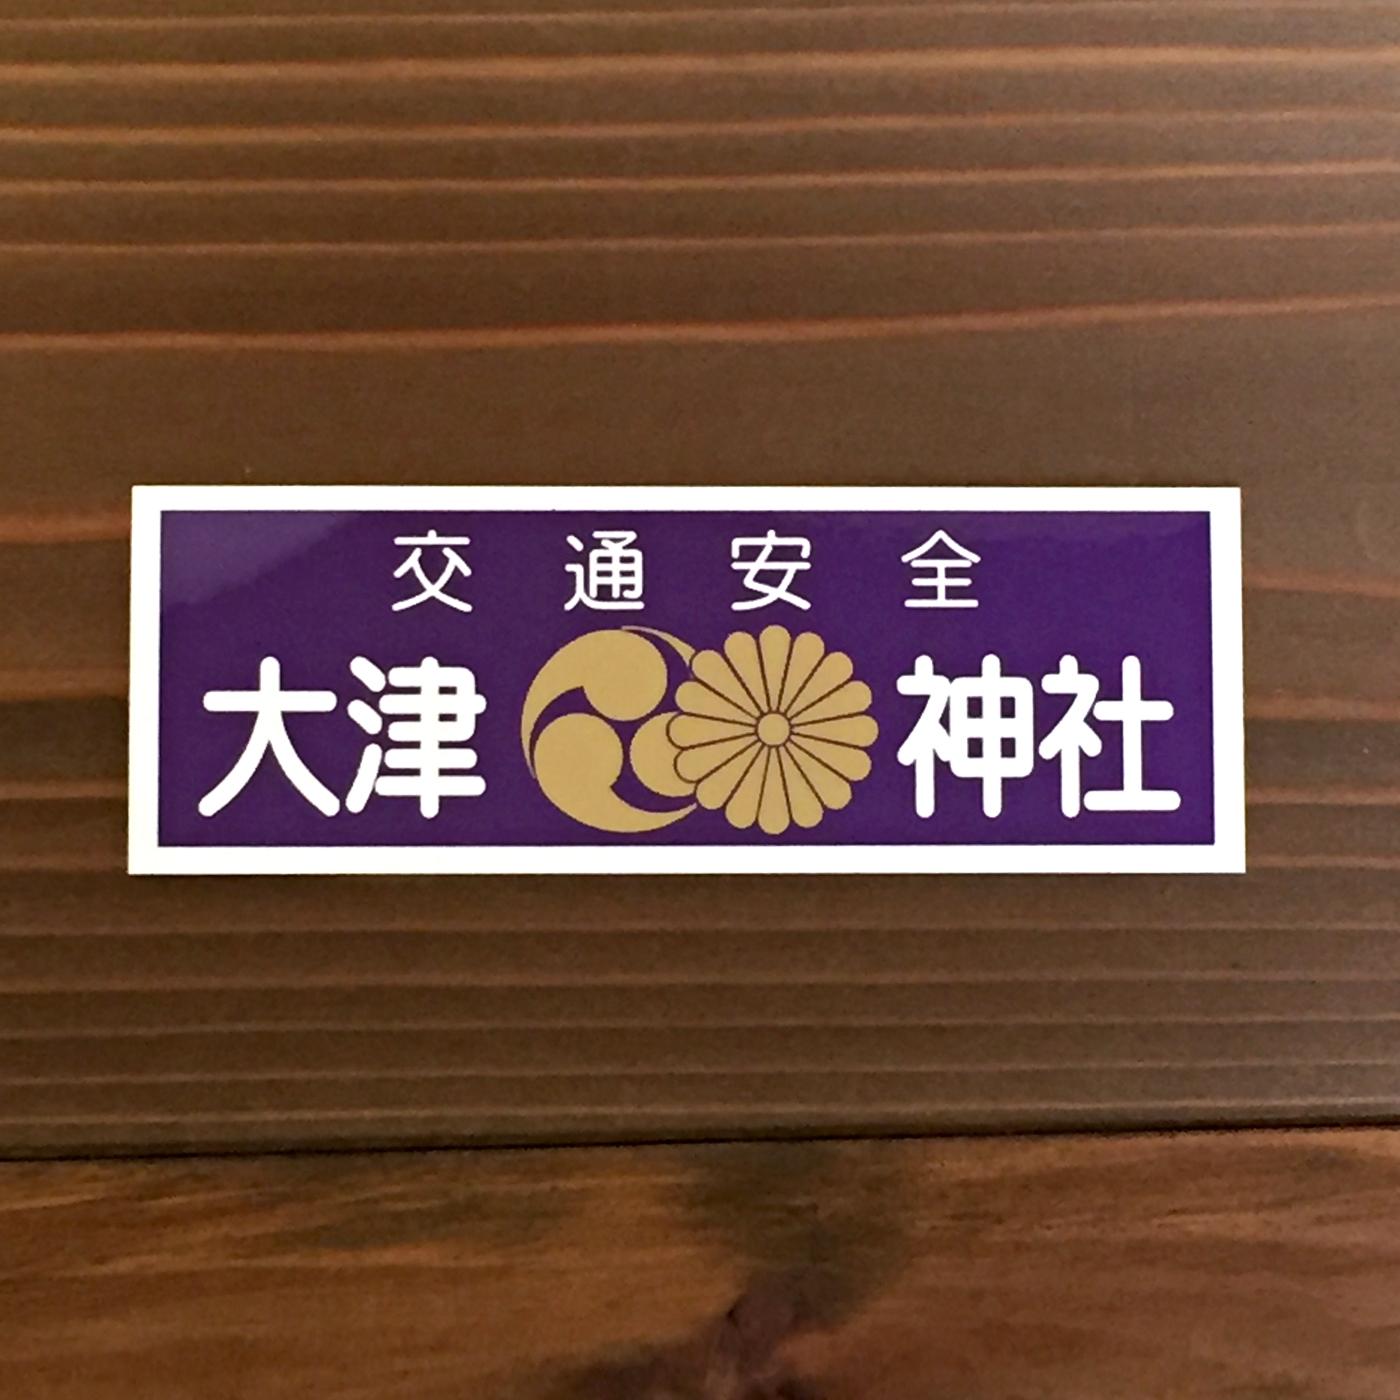 大津神社 交通安全ステッカー